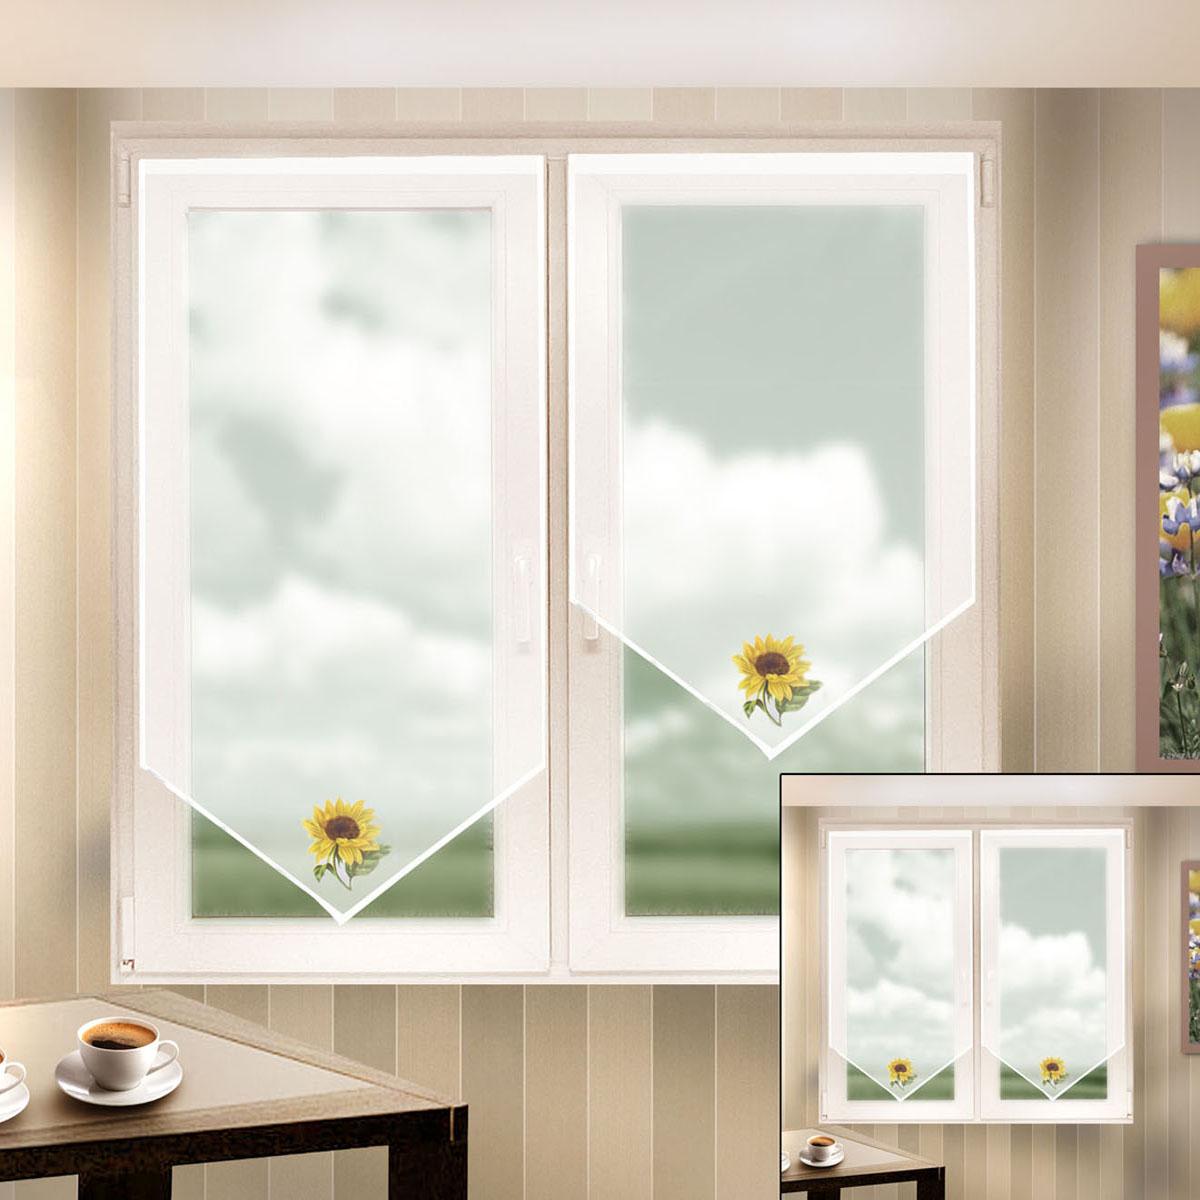 Гардина Zlata Korunka, на липкой ленте, цвет: белый, высота 90 см. 666050-2666050-2Гардина на липкой ленте Zlata Korunka, изготовленная из легкого полиэстера, станет великолепным украшением любого окна. Полотно из белой вуали с печатным рисунком привлечет к себе внимание и органично впишется в интерьер комнаты. Крепление на липкой ленте, не требующее сверления стен и карниза. Многоразовое и мгновенное крепление.